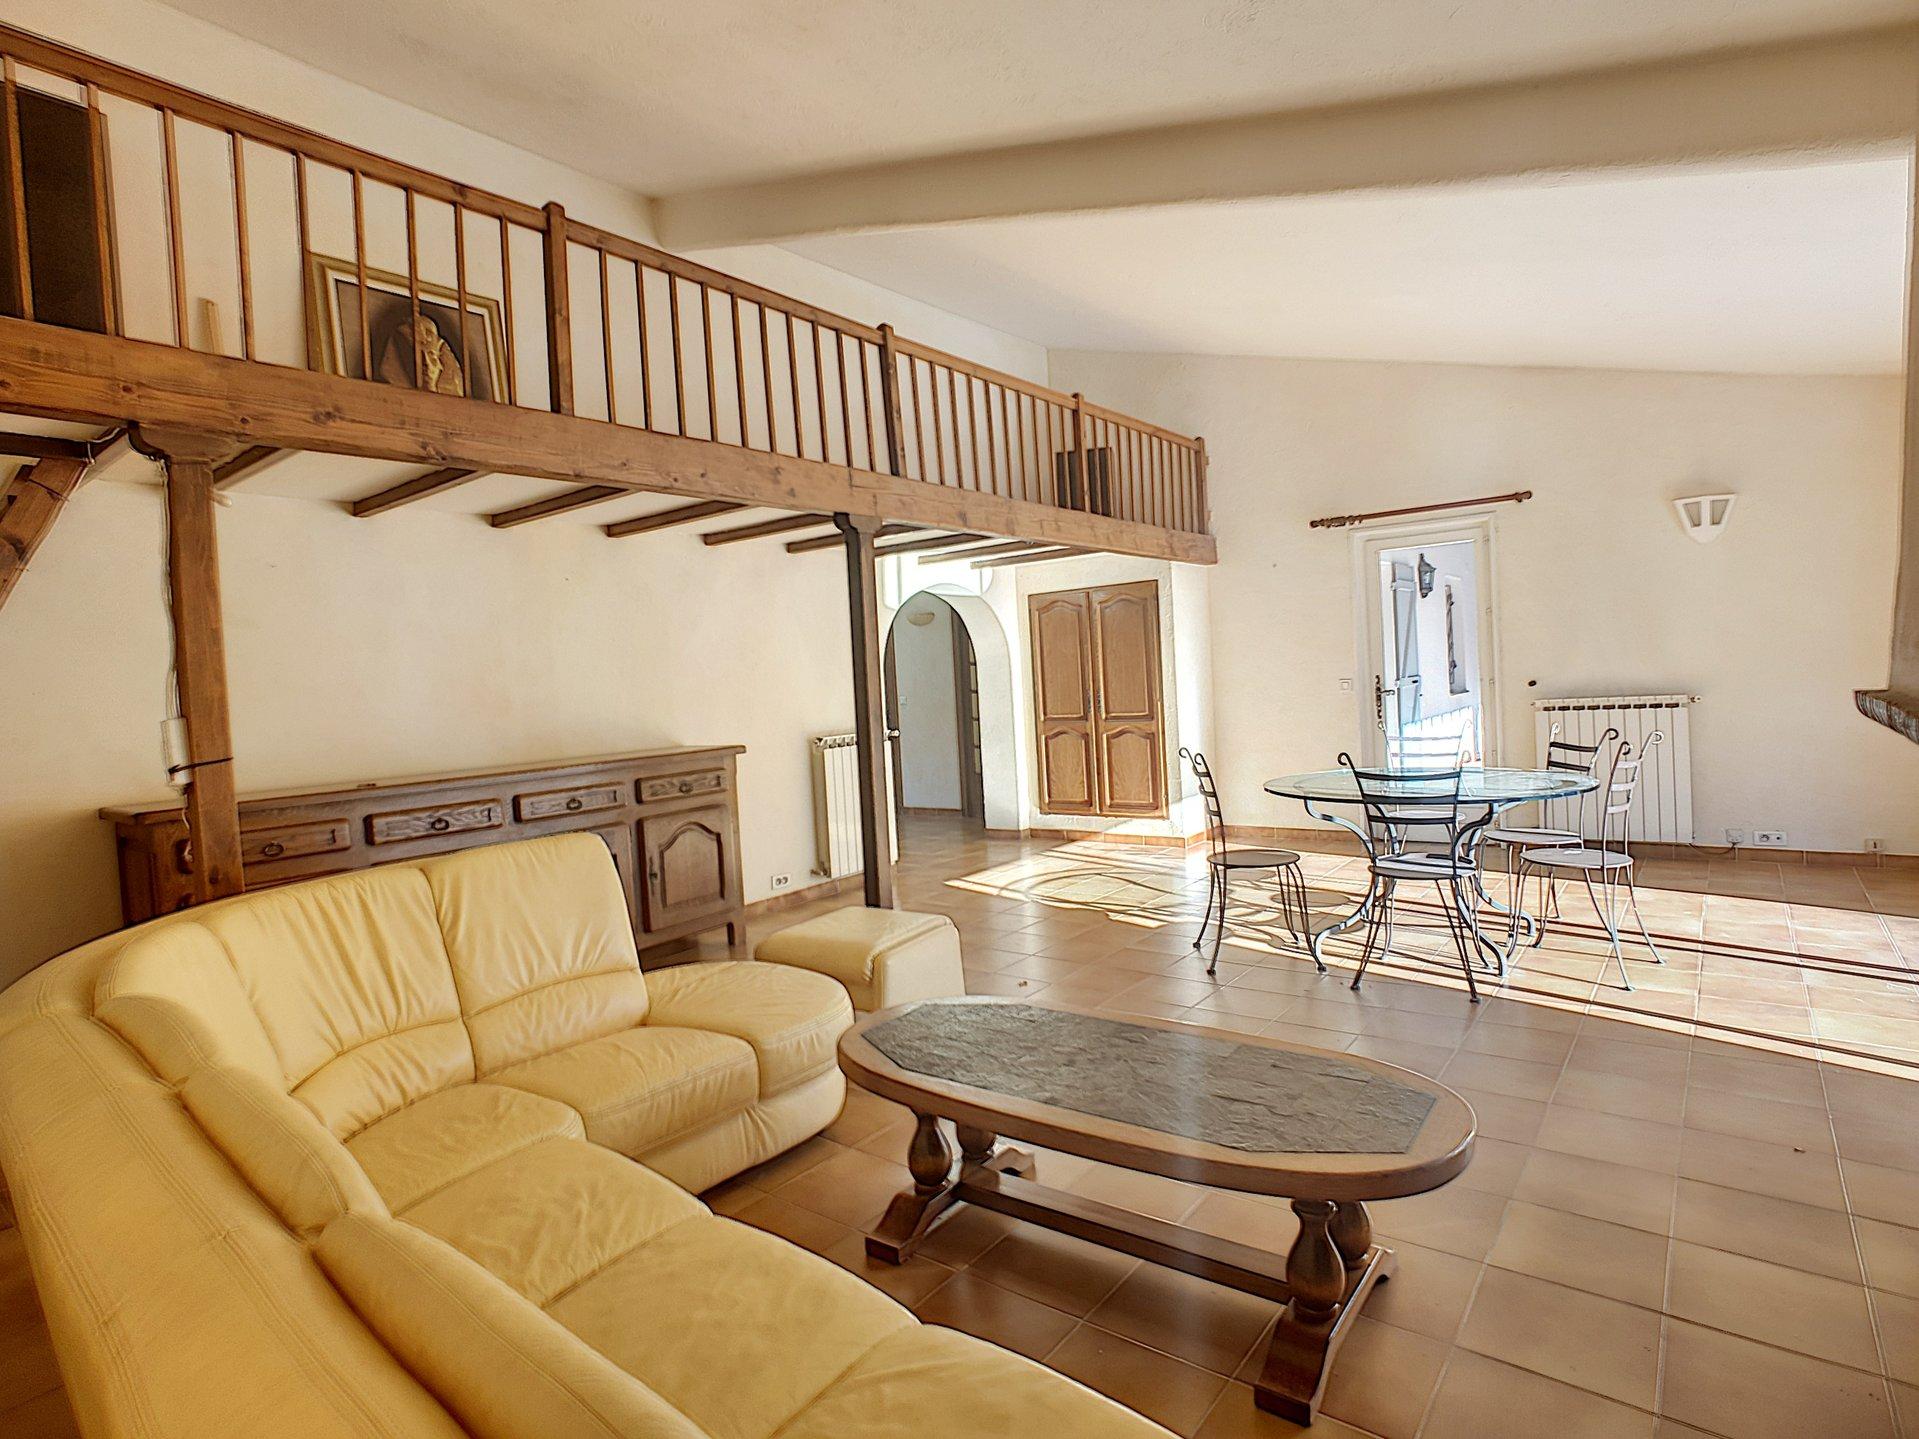 Achat/vente villa à Mouans sartoux